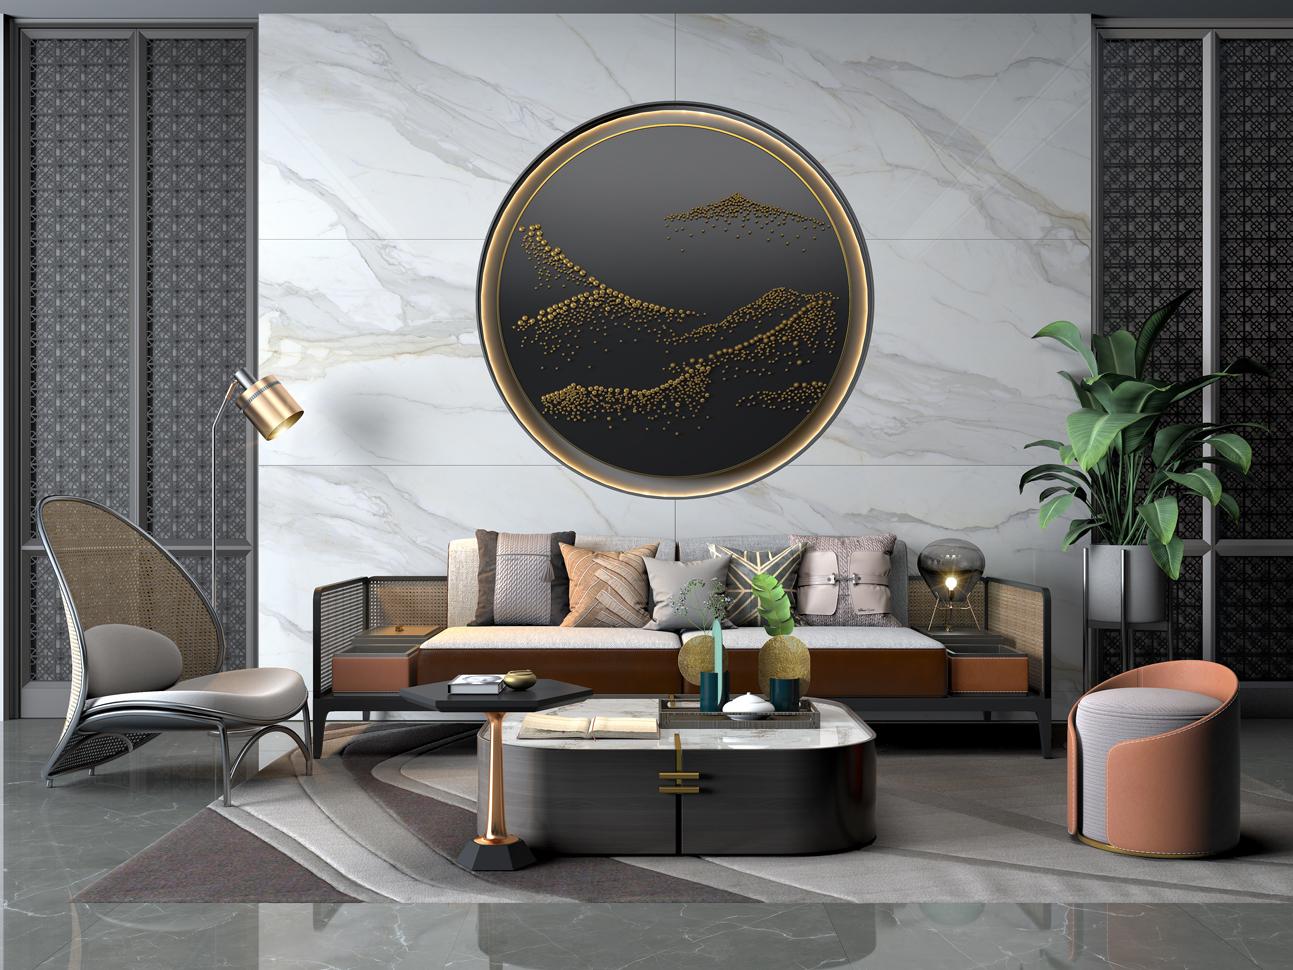 大理石瓷砖冰川白IPGS1890082客厅空间效果图2